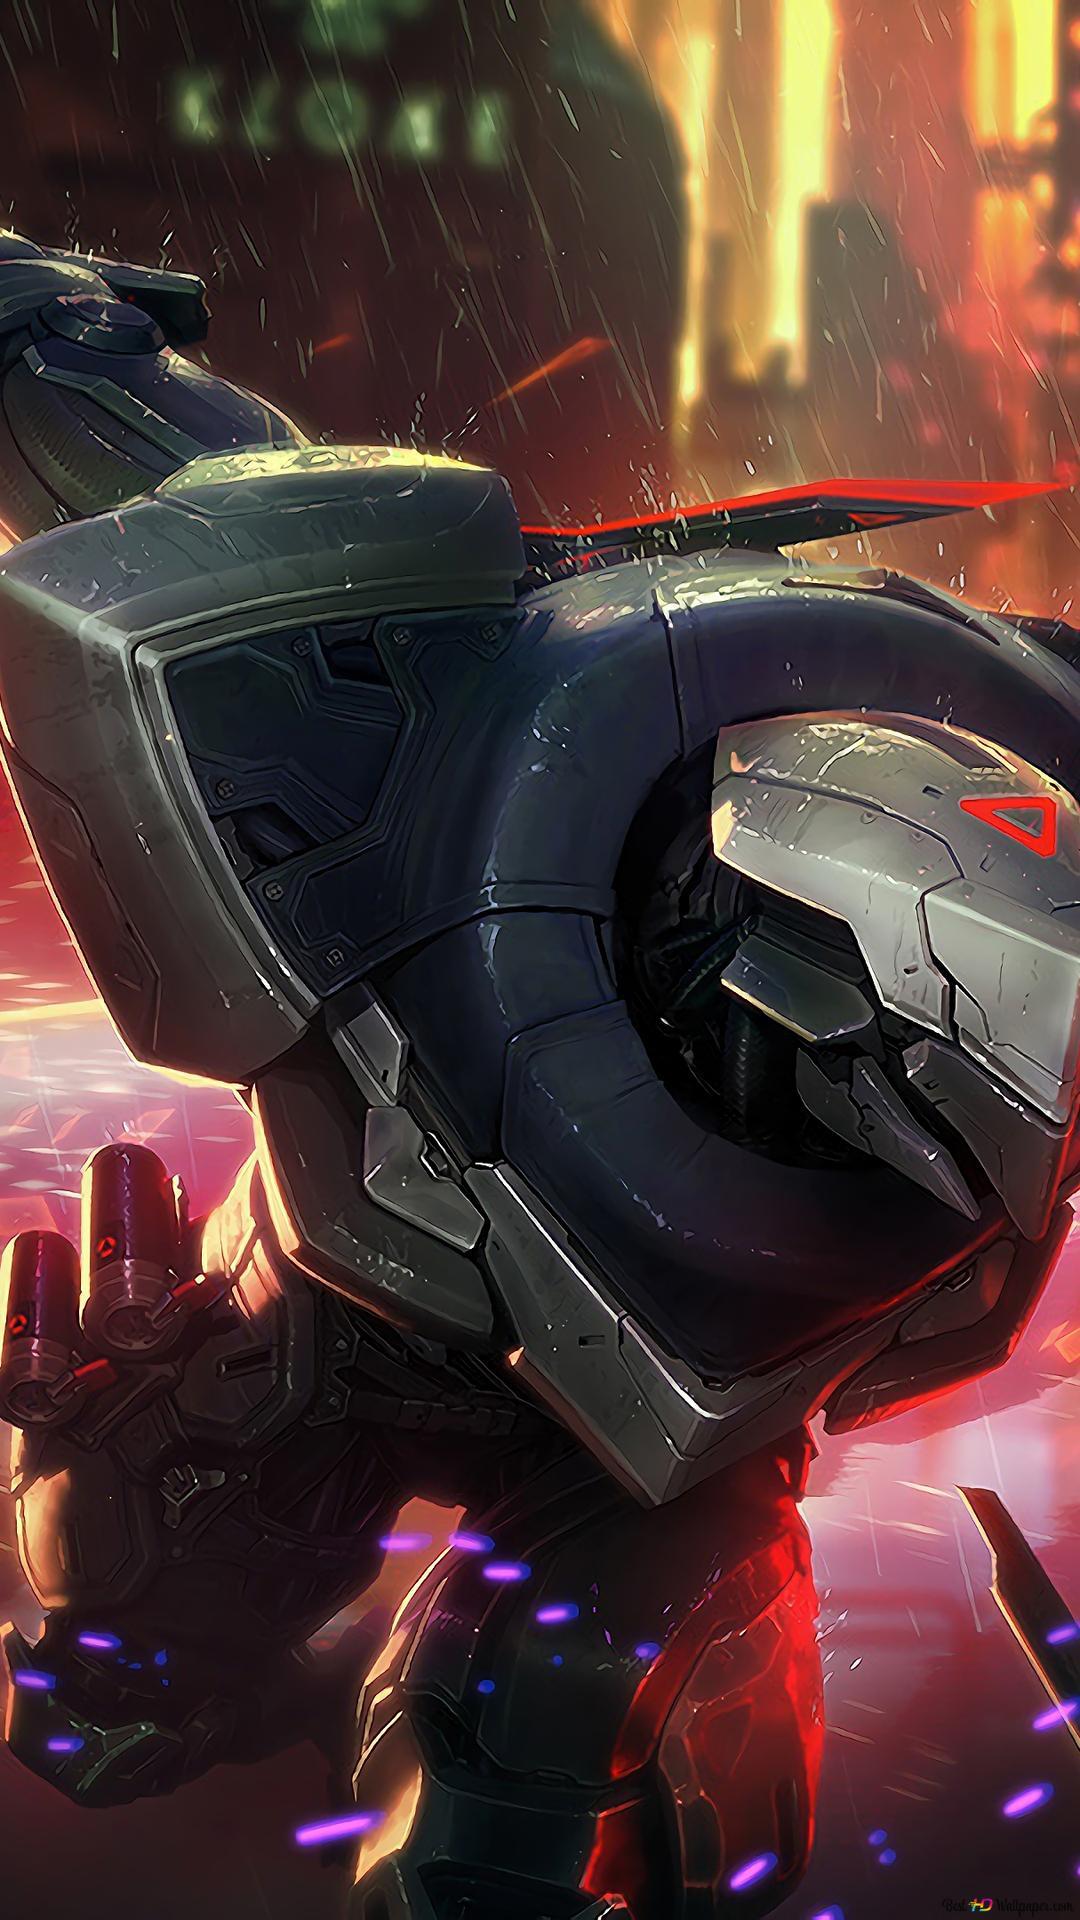 League Of Legends Lol Project Zed Hd Wallpaper Download